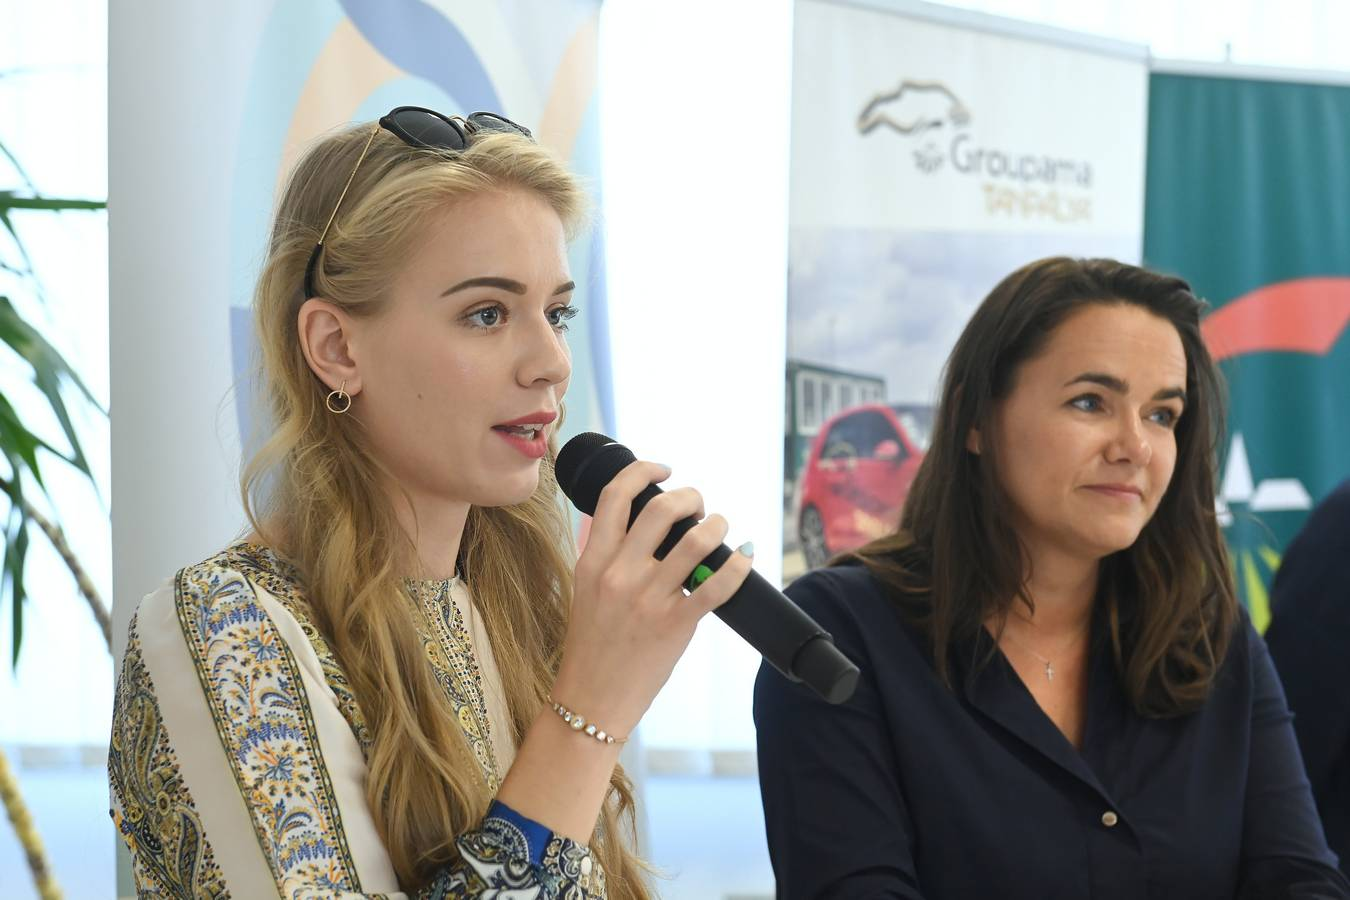 Mogyoród, 2020. július 21. Novák Katalin, az Emberi Erõforrások Minisztériumának család- és ifjúságügyért felelõs államtitkára (j) és Rácz Zsófia fiatalokért felelõs helyettes államtitkár a mogyoródi Groupama tanpályánál tartott sajtótájékoztatón 2020. július 21-én. Július 1-je óta a húsz év alatti fiatalok ingyenes KRESZ-vizsga lehetõségét kiterjesztették a cseden, gyeden és gyesen lévõkre. A Groupama Biztosító ehhez kapcsolódóan felajánlotta, hogy a húsz év alattiak és a kisgyermekesek ingyenes vezetéstechnikai tréningen vehetnek részt. MTI/Koszticsák Szilárd